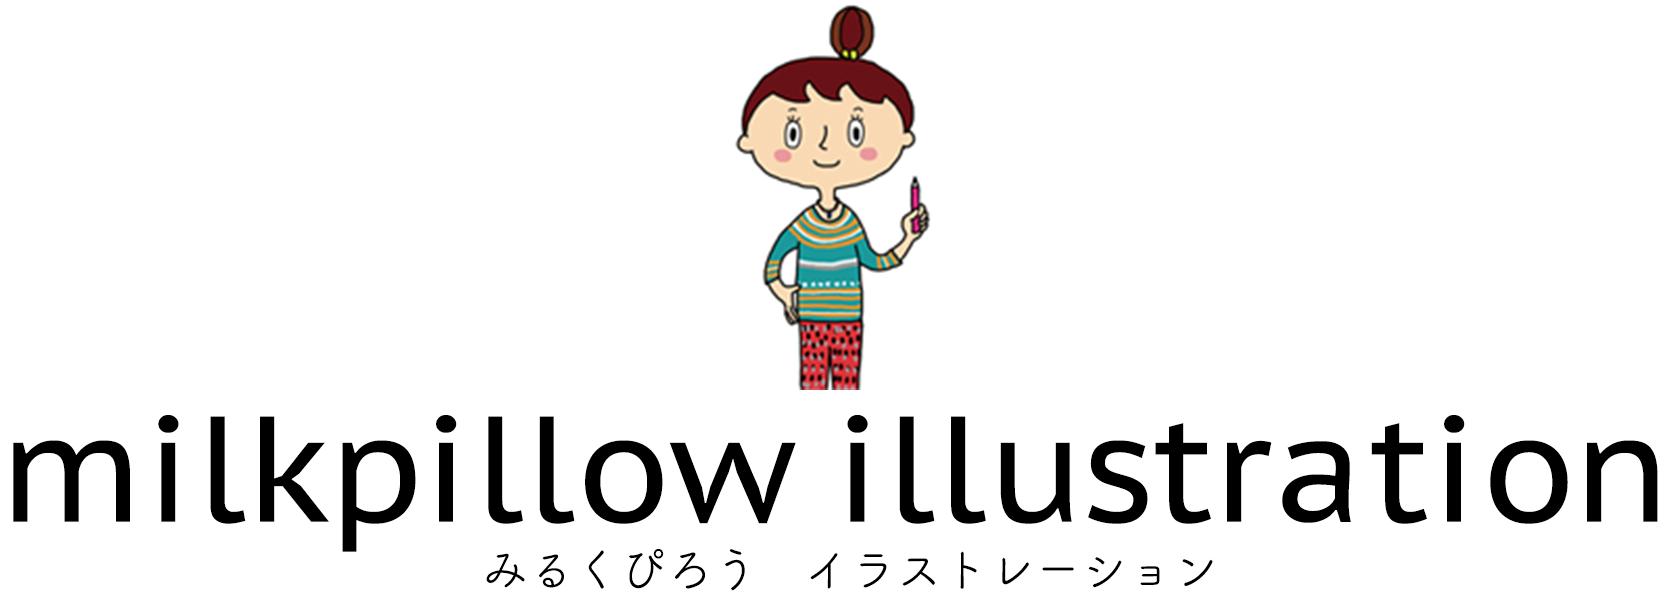 milkpillow illustration